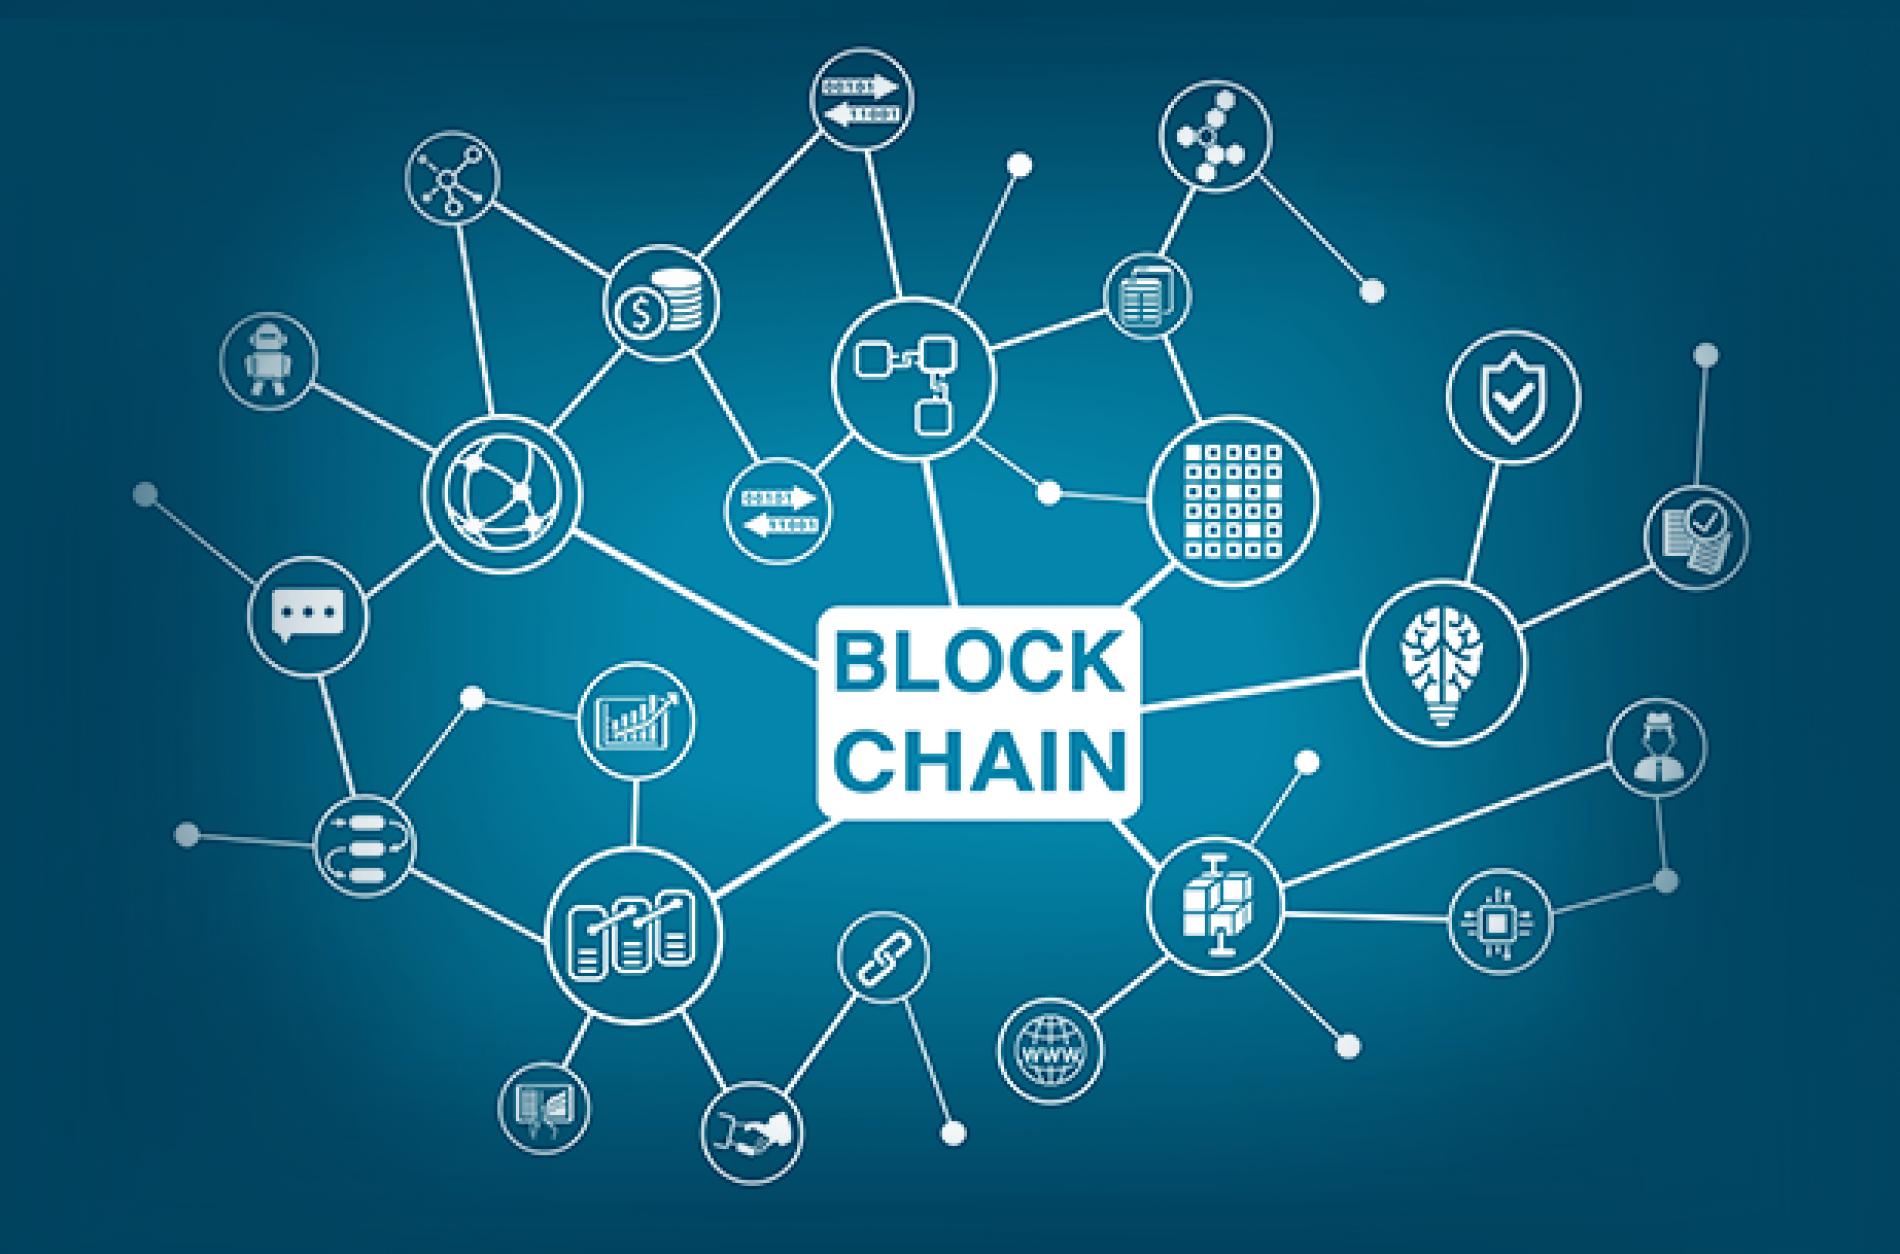 Participe do novo curso da 4Linux e aprenda a construir uma infraestrutura de Blockchain usando HyperLedger.